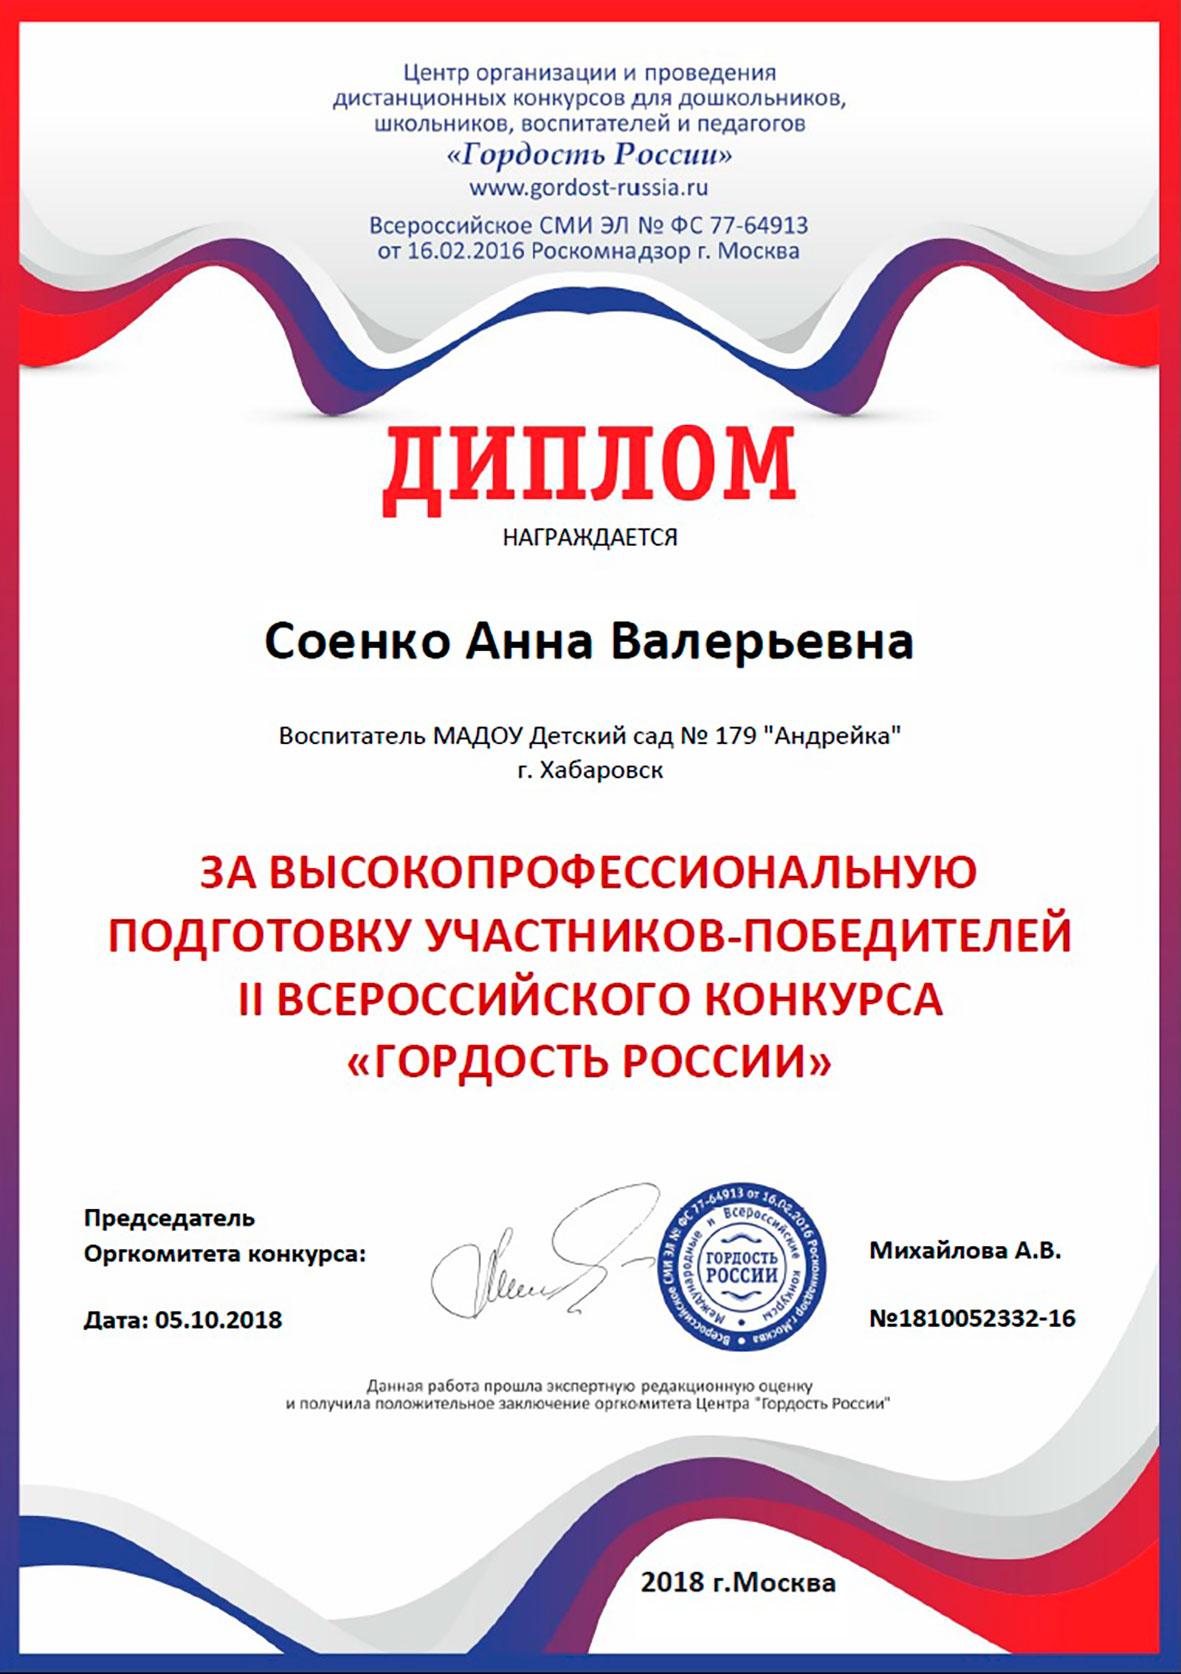 Диплом Соенко За высокопрофессиональную подготовку